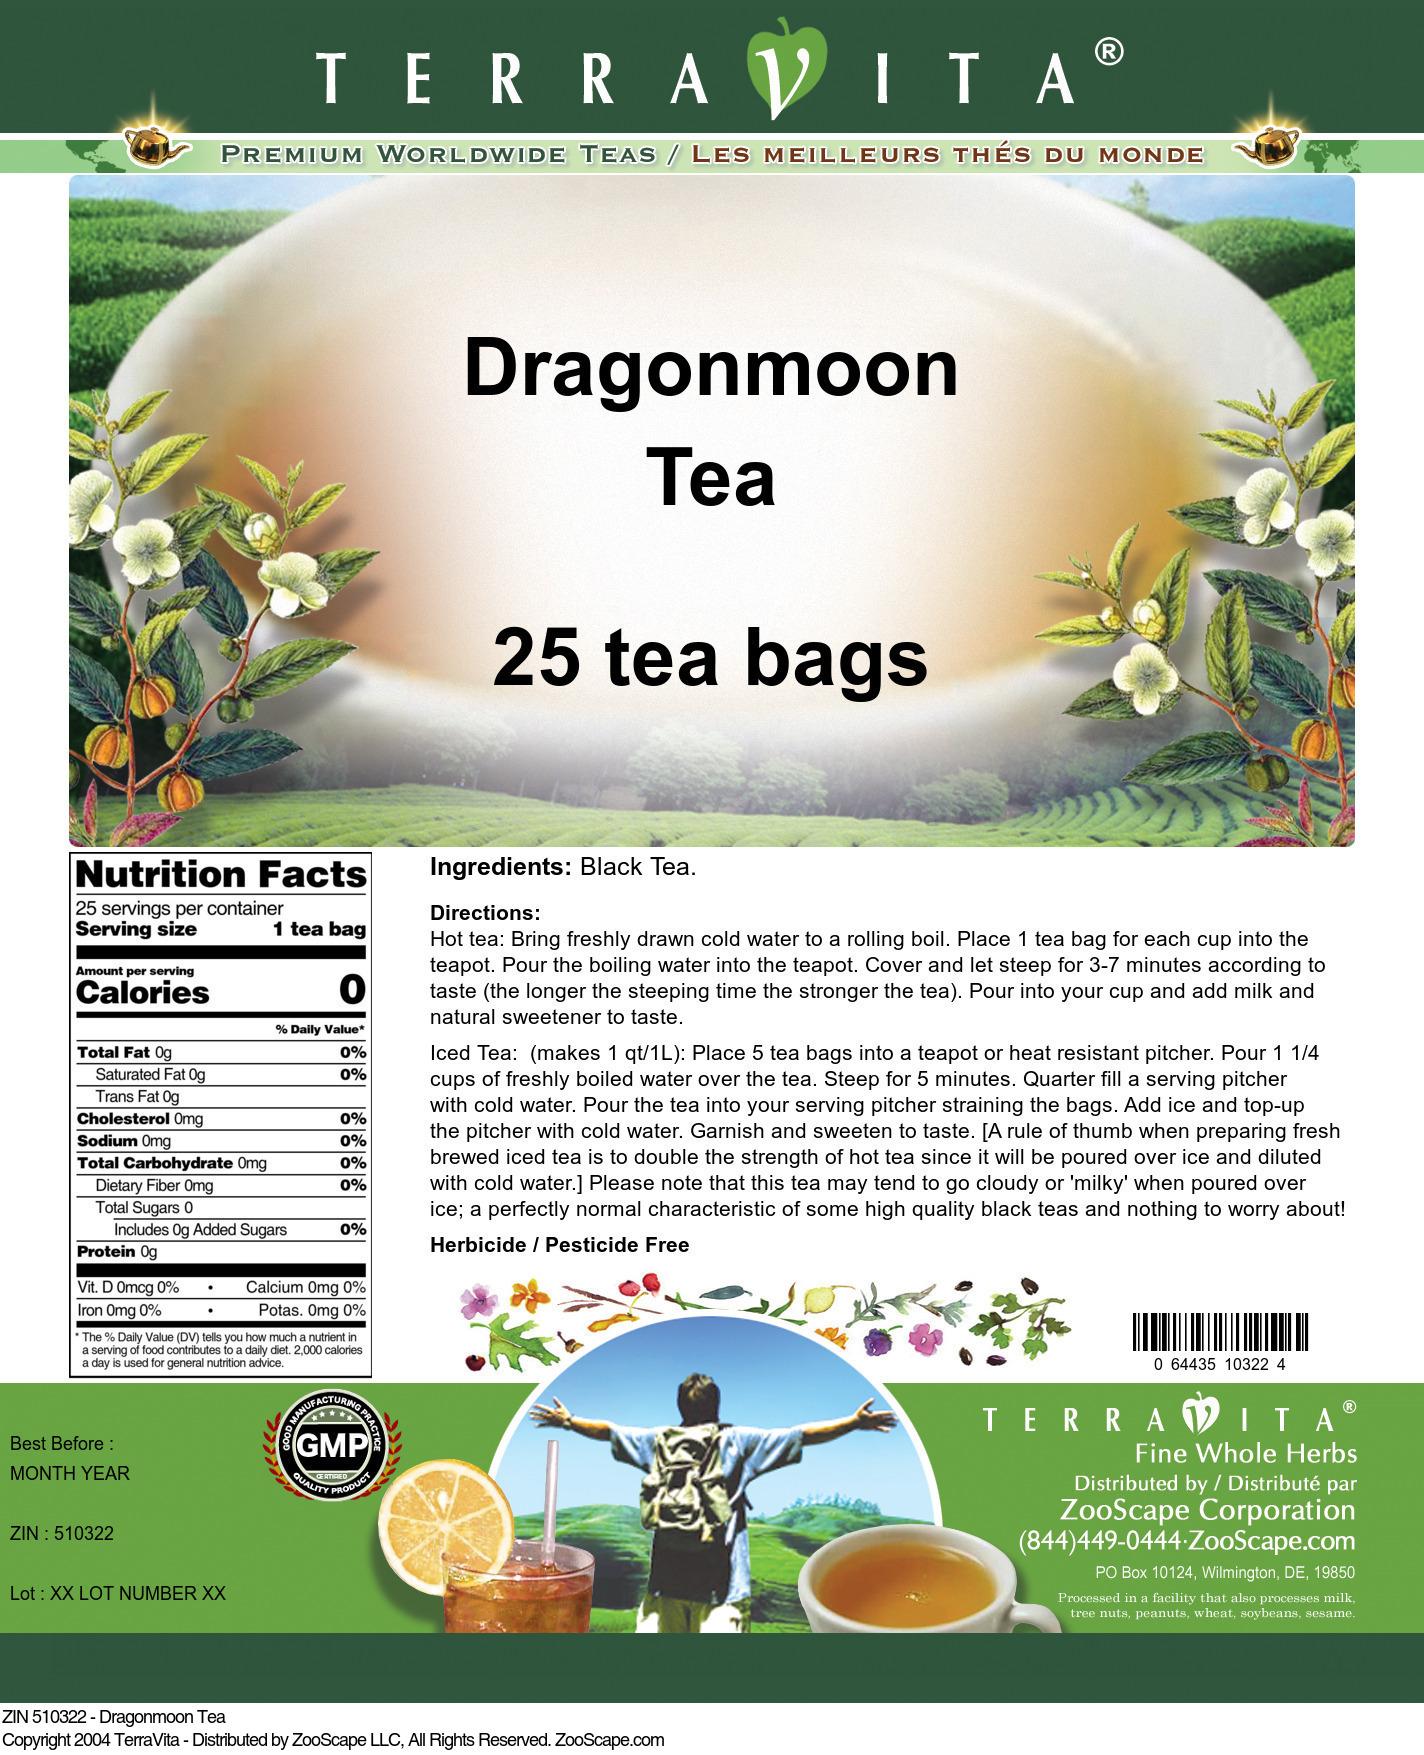 Dragonmoon Tea